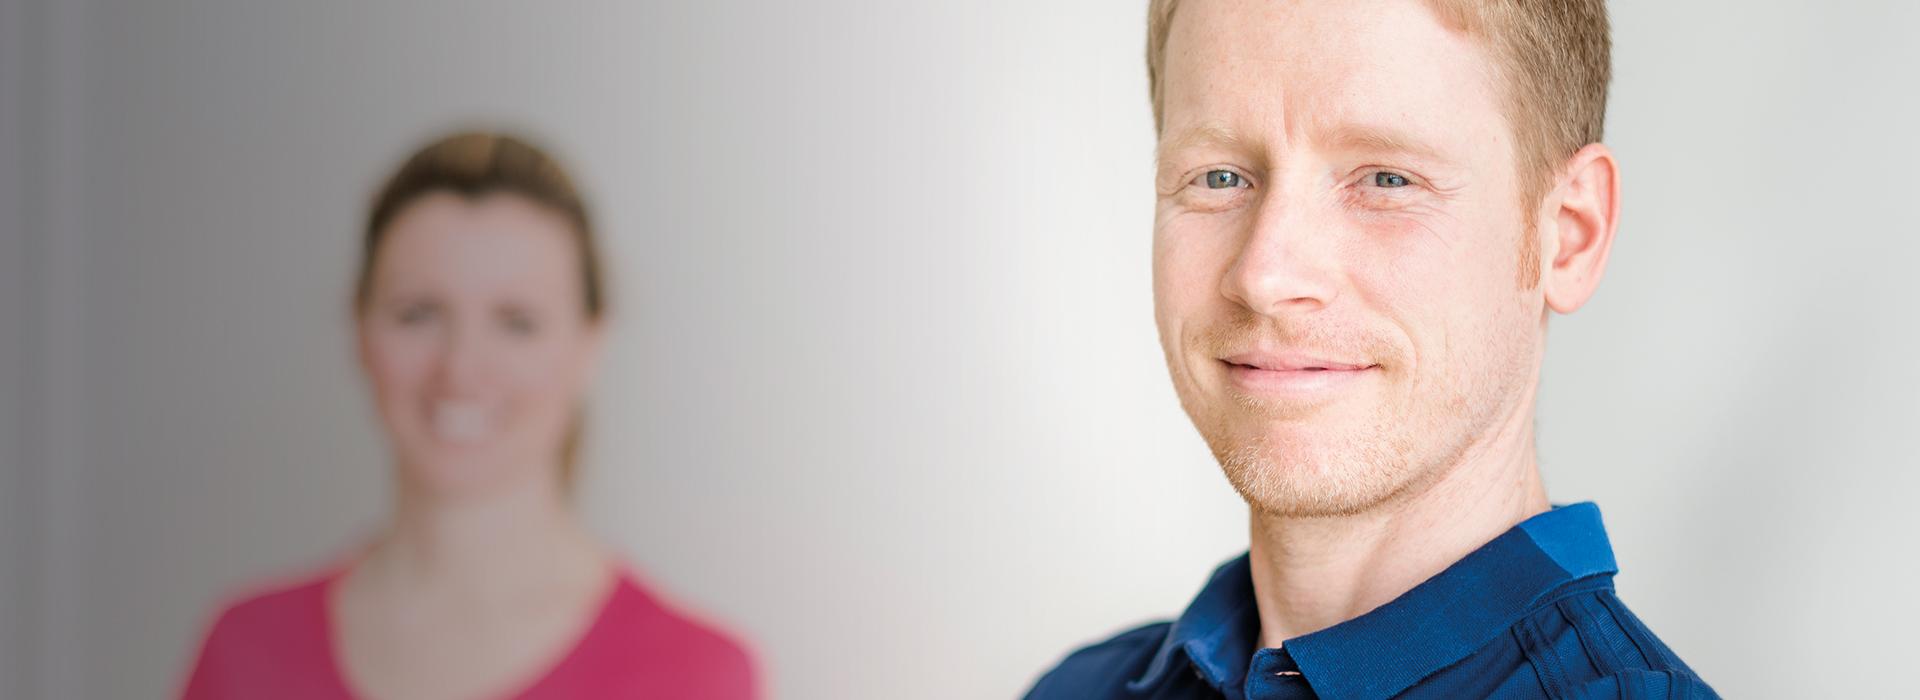 Zuckerhut Training - Matthias Zuckerhut - Ganzheitliches Training, Physiotherapie, Barfuß-Lauftechnik